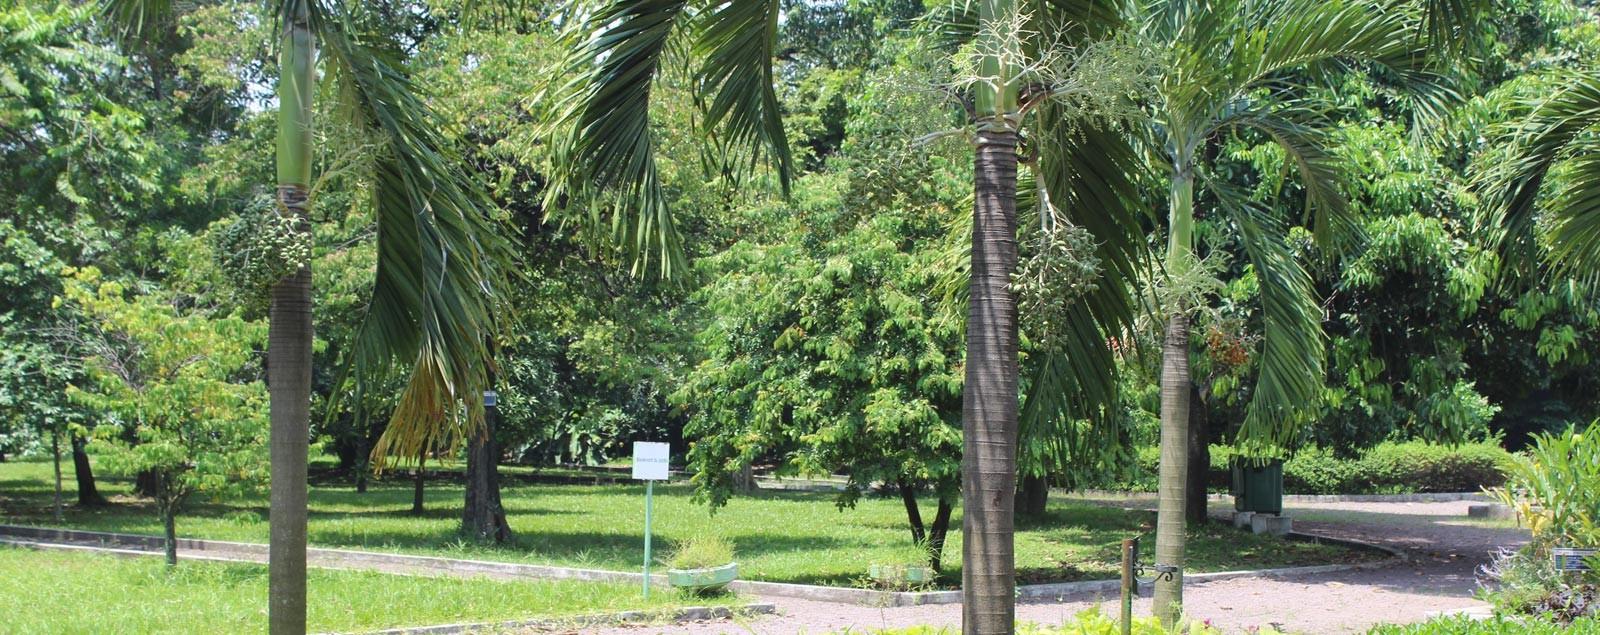 J r mie kisembo publie r solvons nos conflits la for Jardin zoologique kinshasa